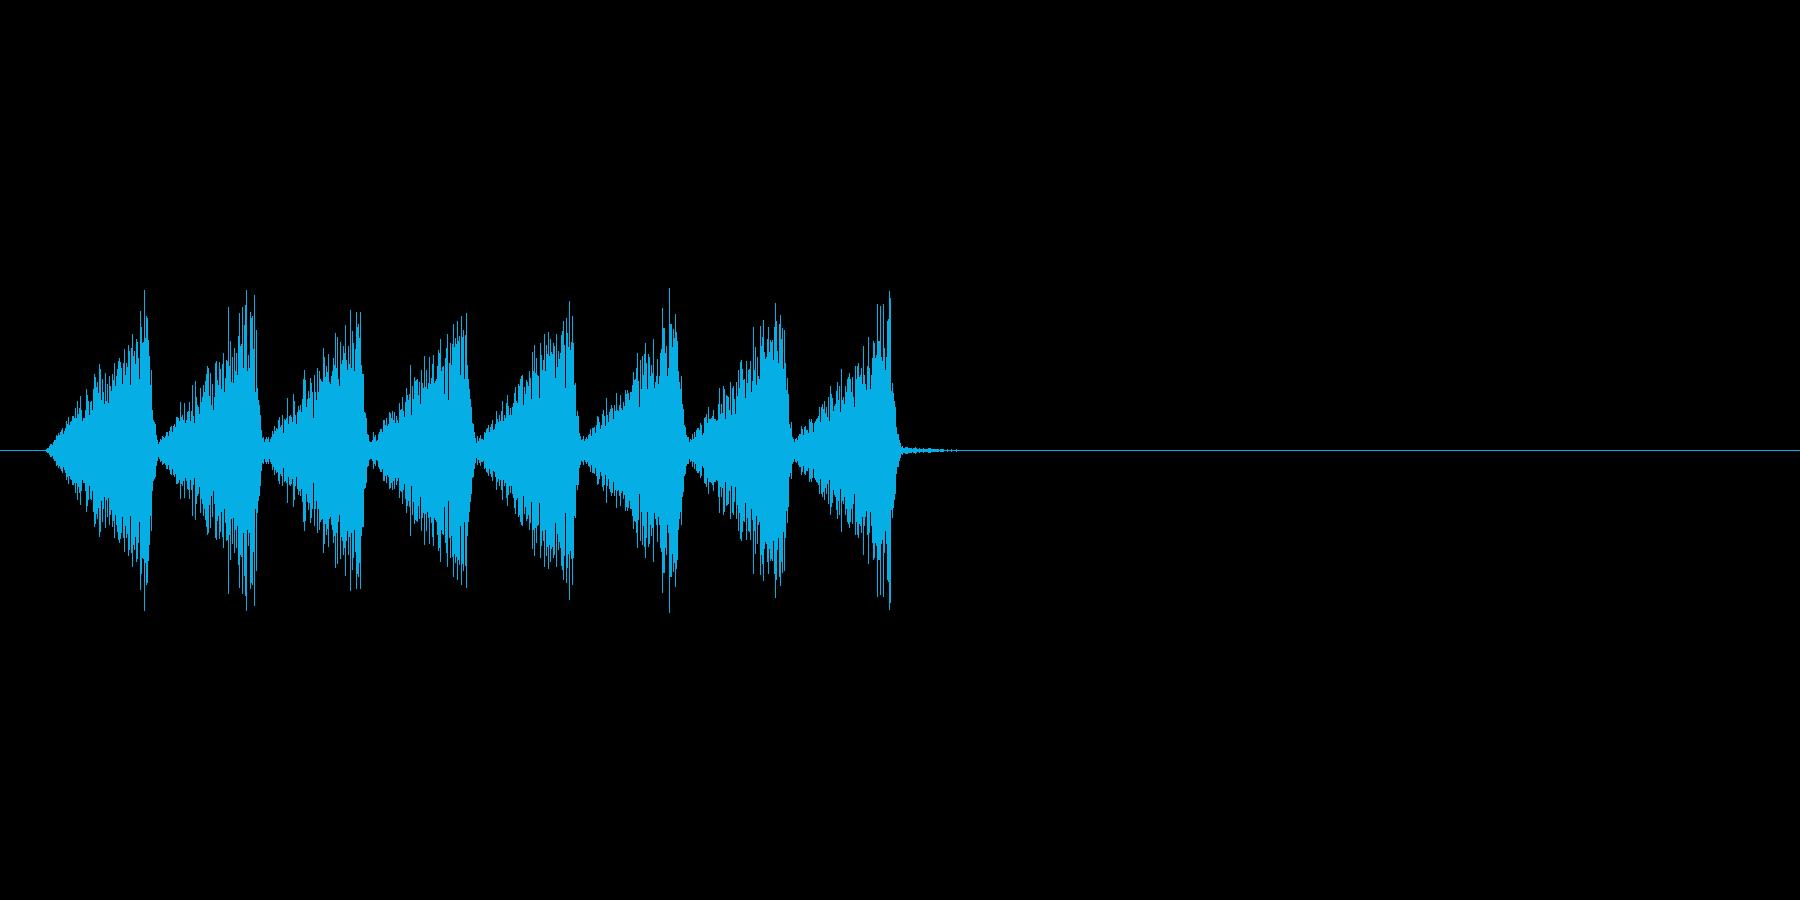 カサカサ(虫、素早く移動、動作)の再生済みの波形